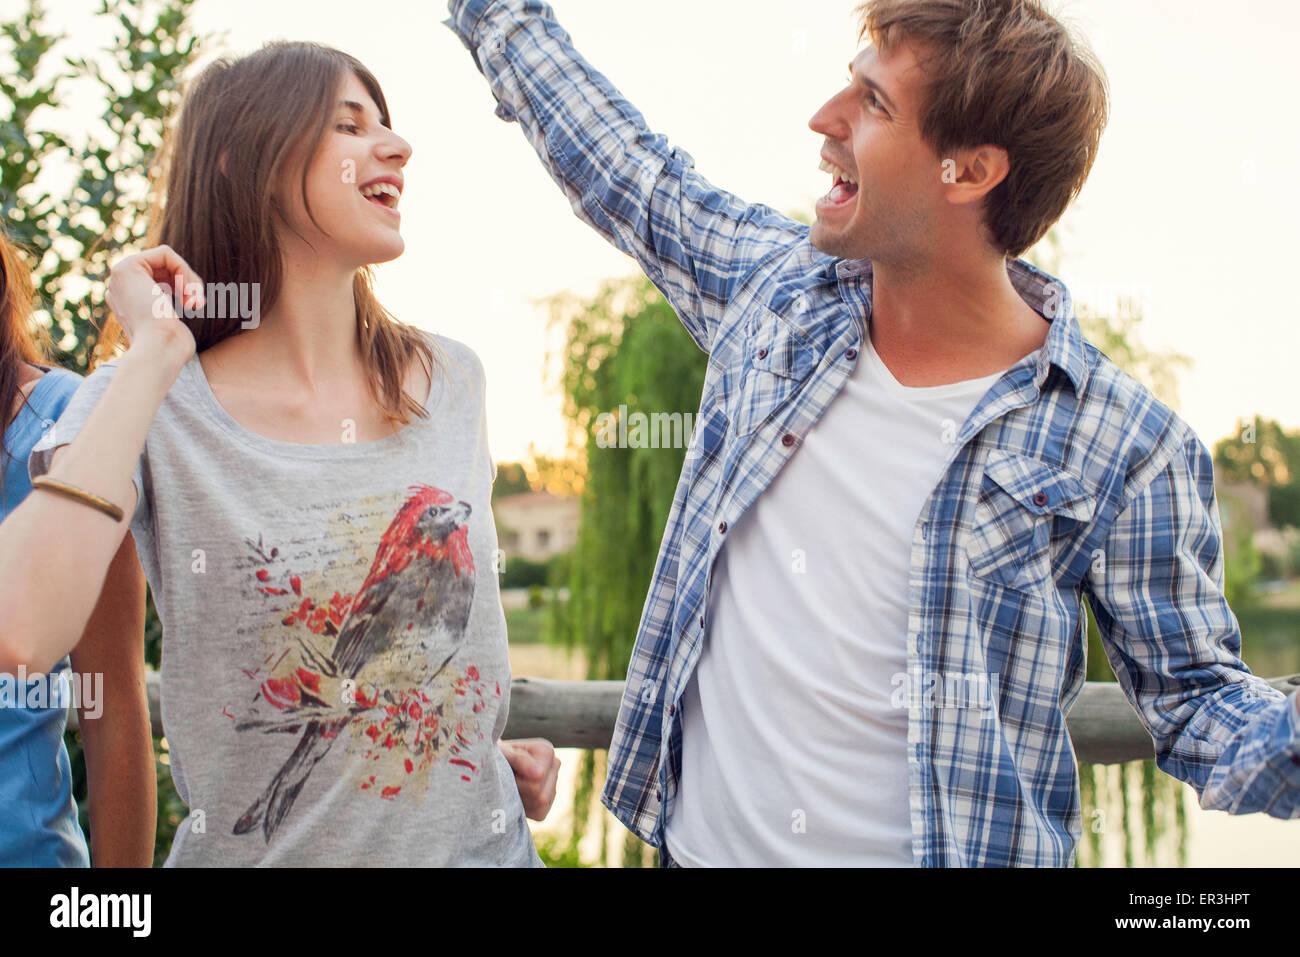 Les amis danser ensemble à l'extérieur Photo Stock